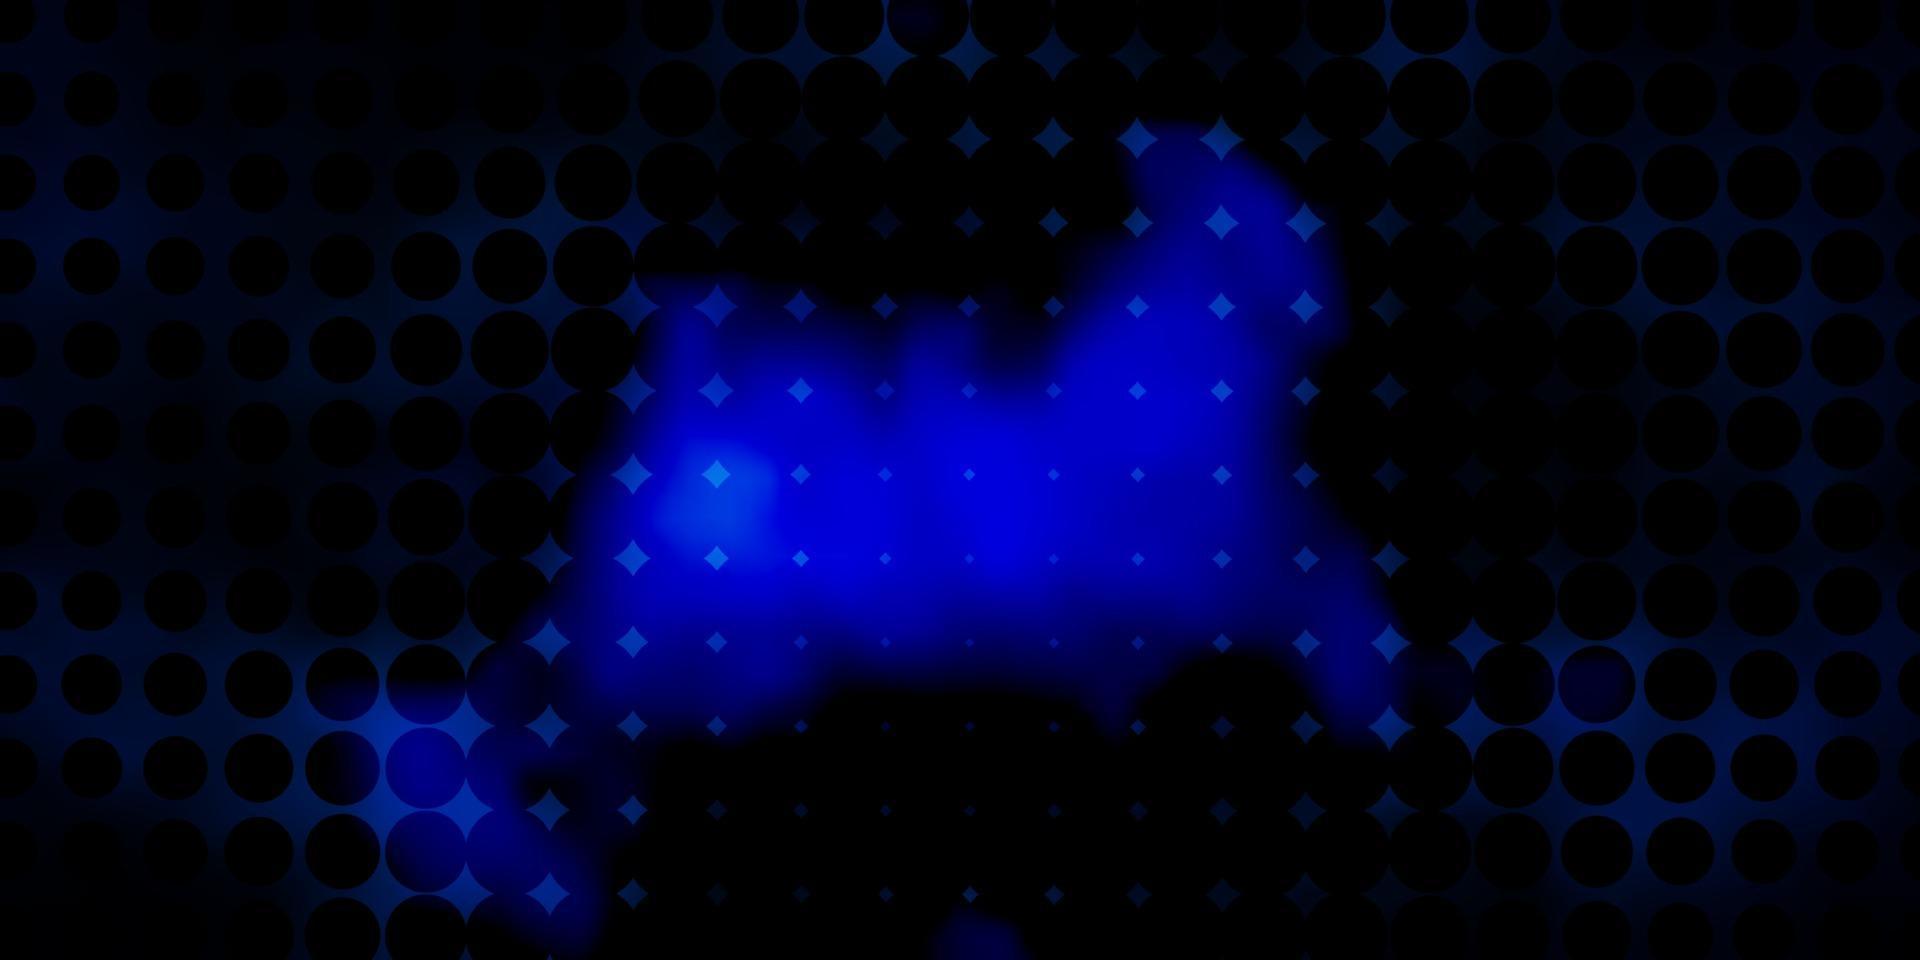 struttura vettoriale blu scuro con cerchi.